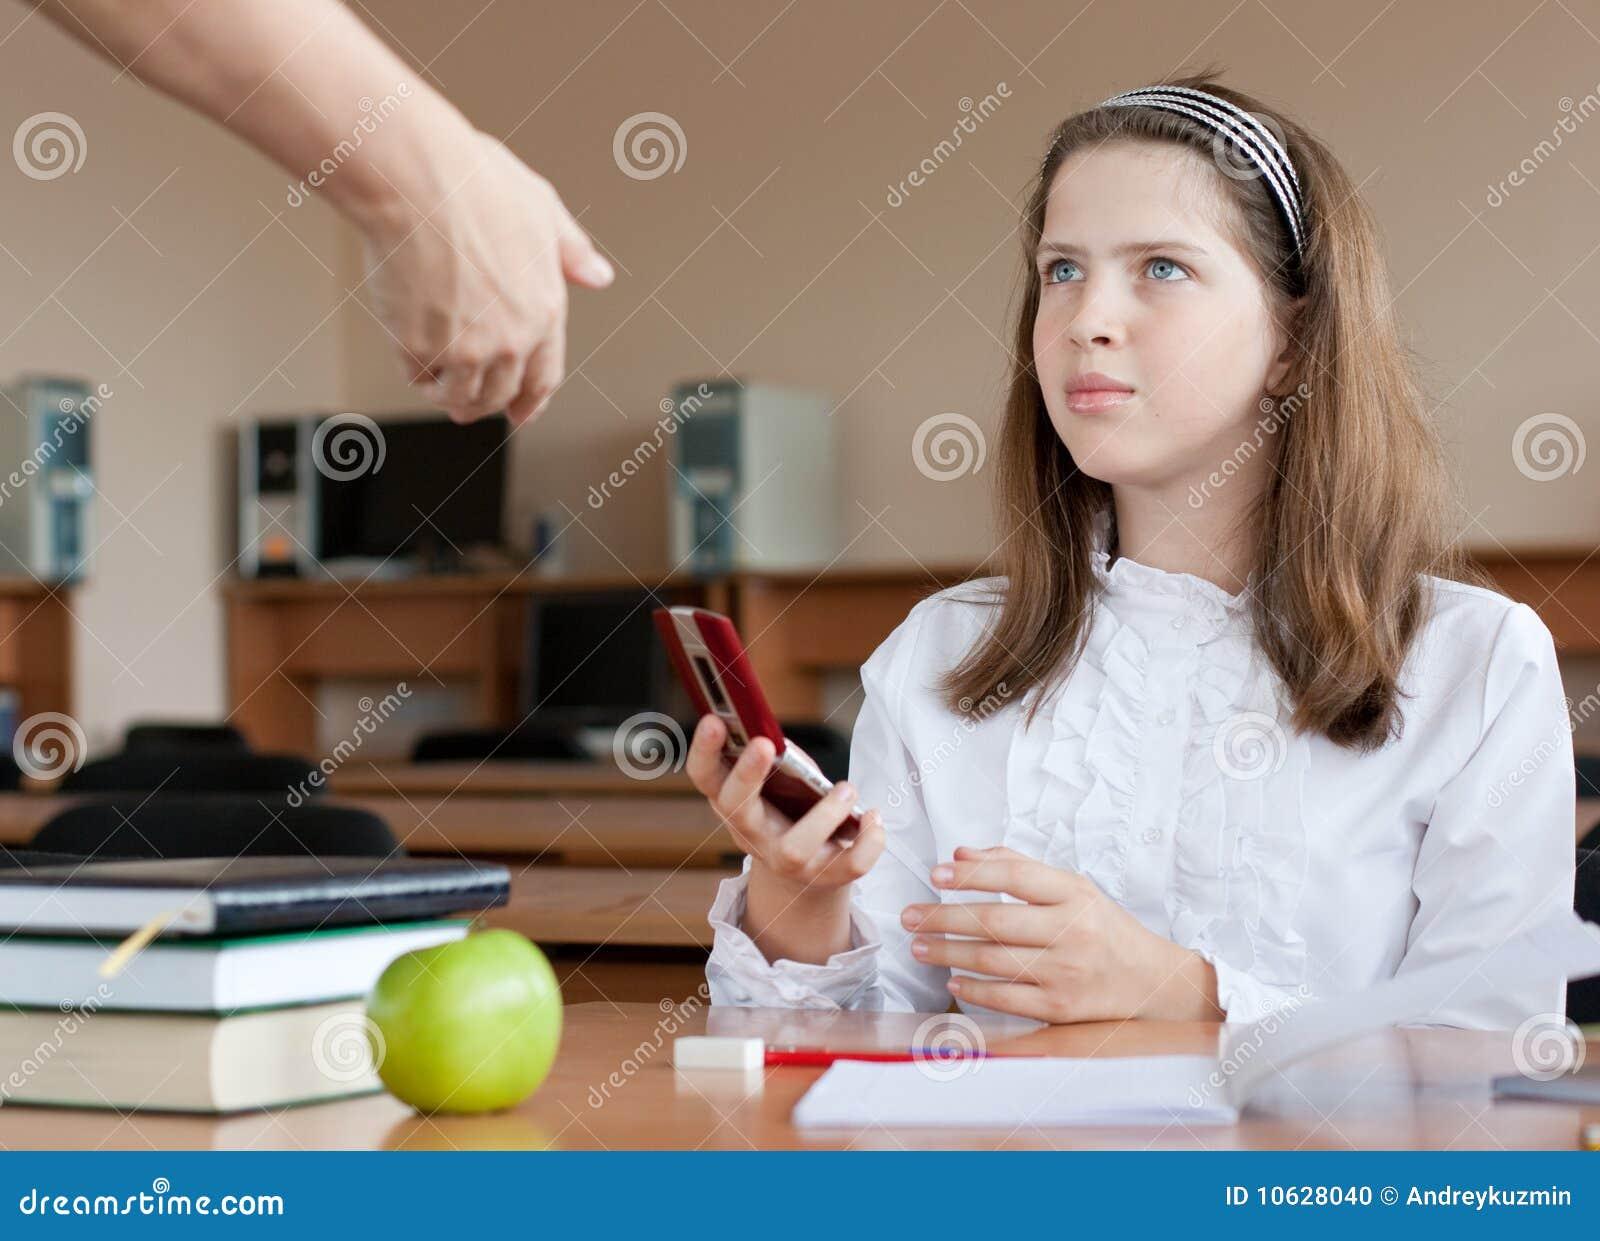 Stockfoto lehrer konfisziert handy an der lektion